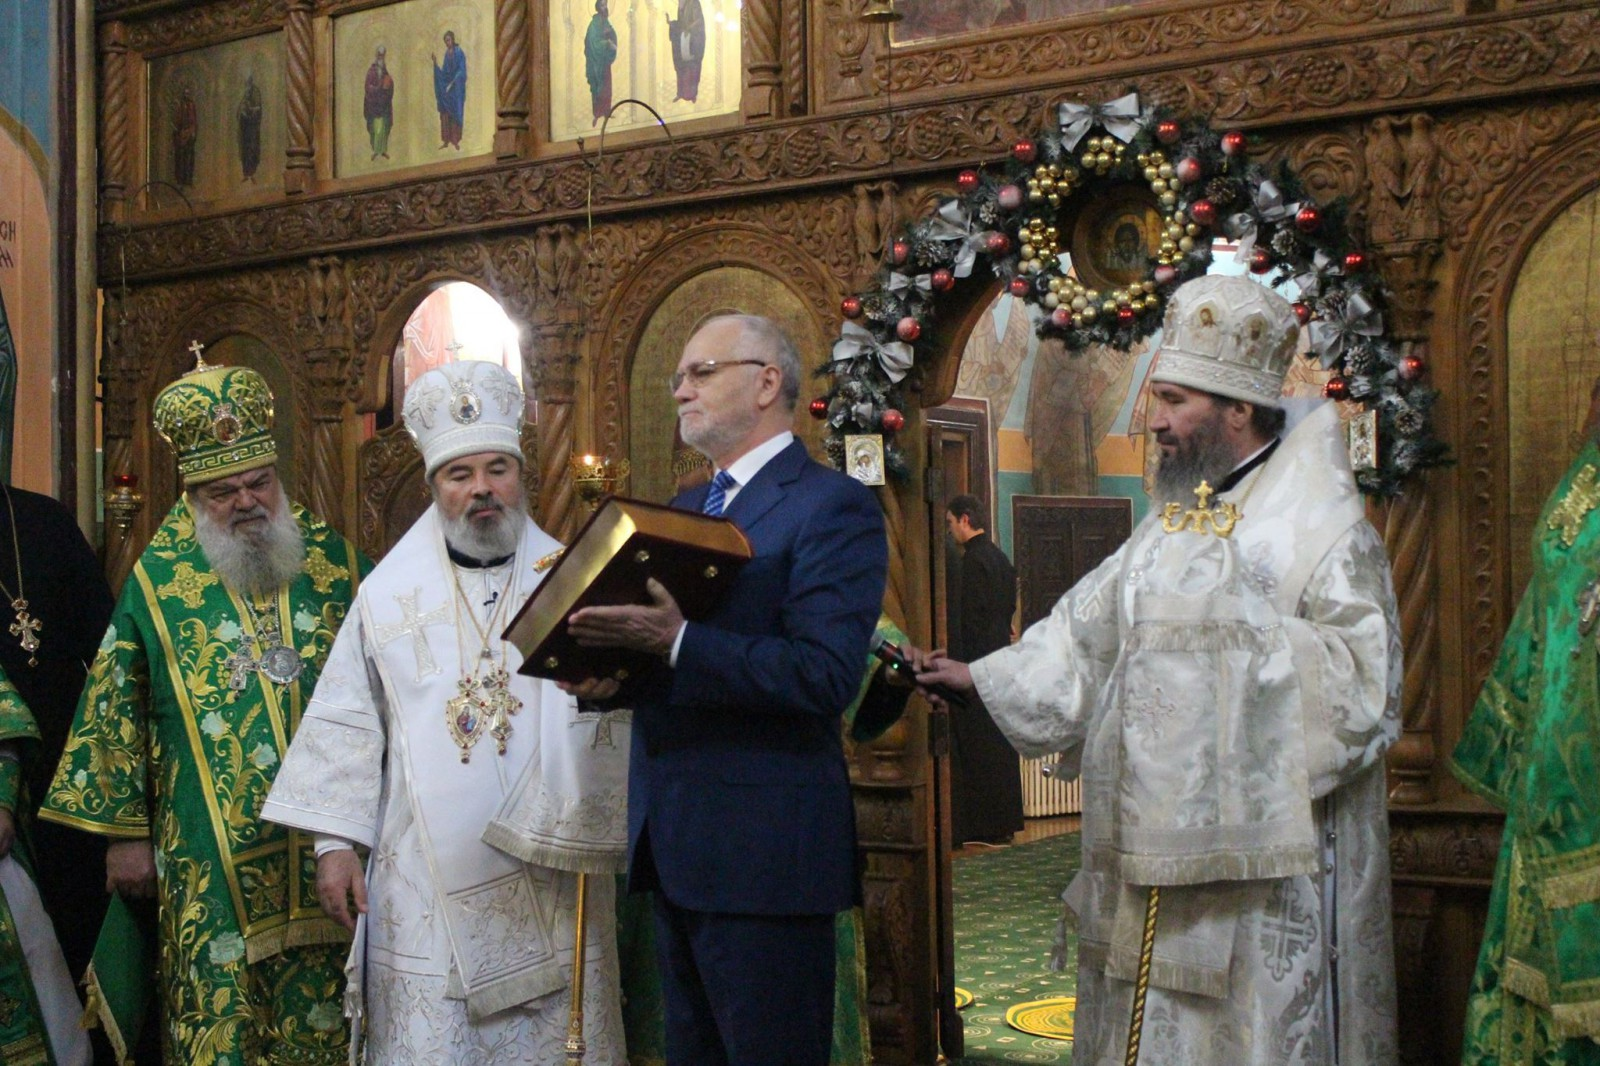 (foto) Ambasadorul Federației Ruse, prezent la ceremonia religioasă organizată în numele patronului ceresc al Episcopului Marchel